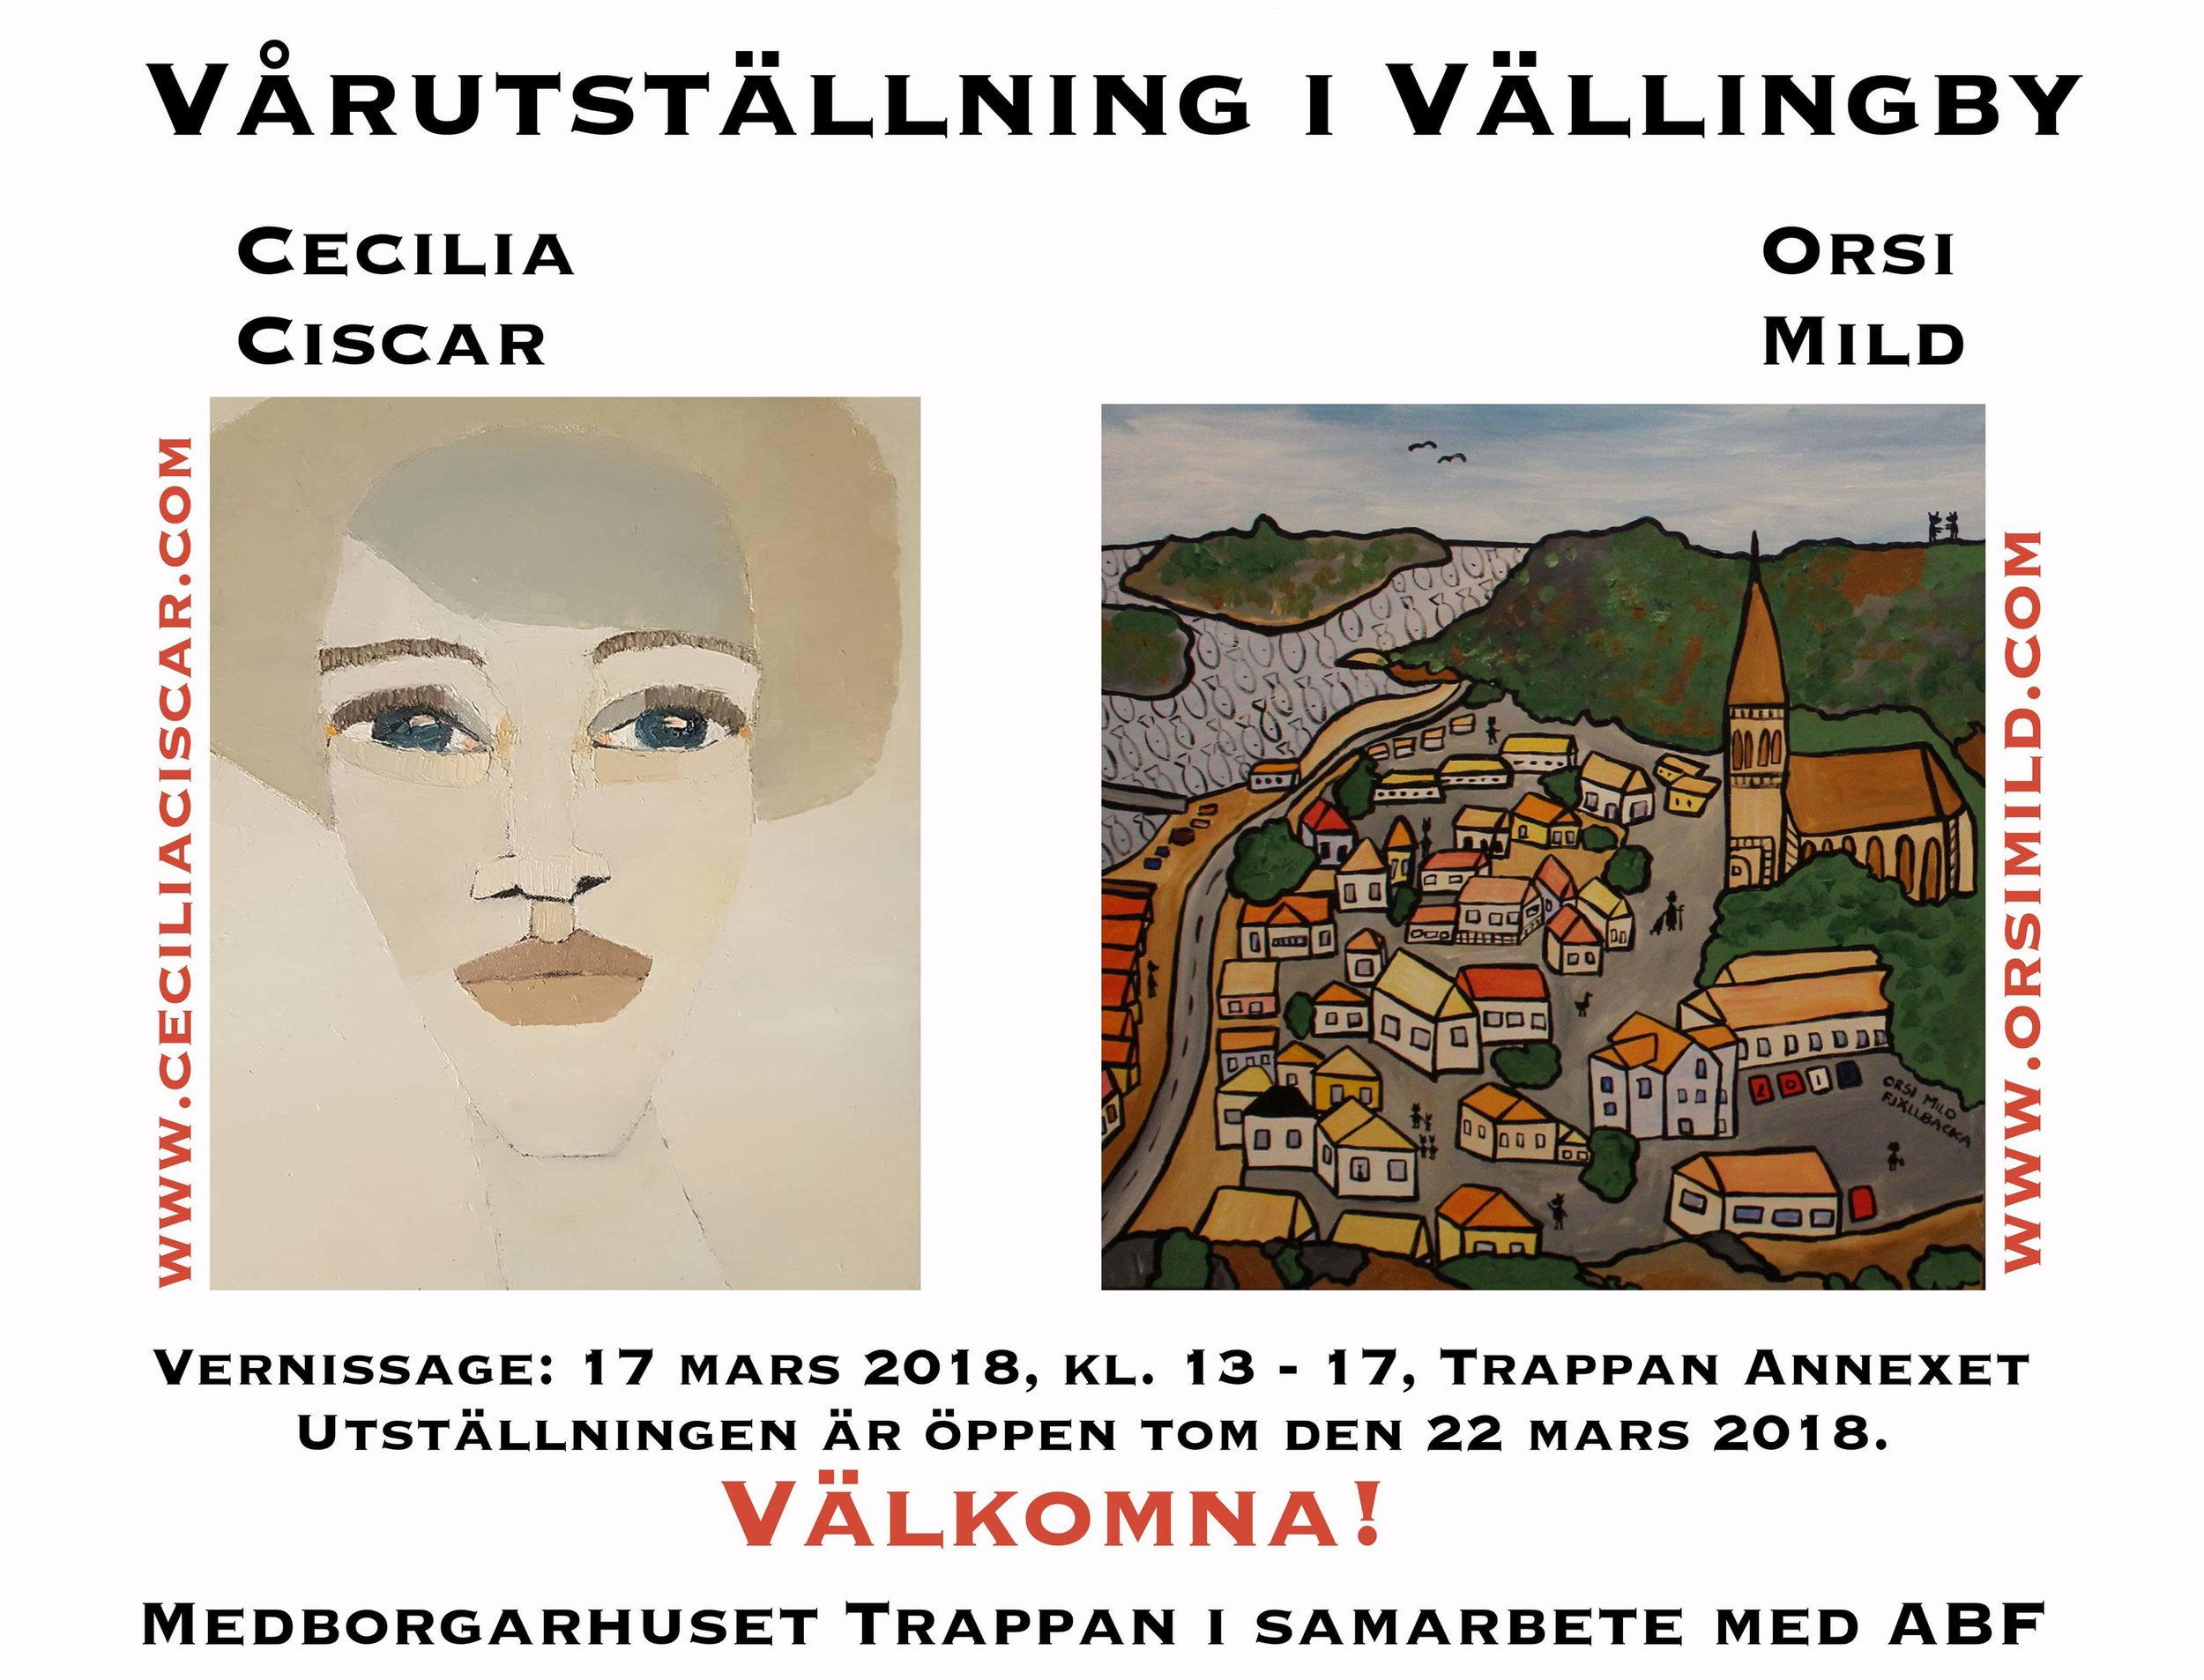 Utställningen i mars med Orsi Mild i Vällingby Trappan (Annexet). En favorit i repris ;-)